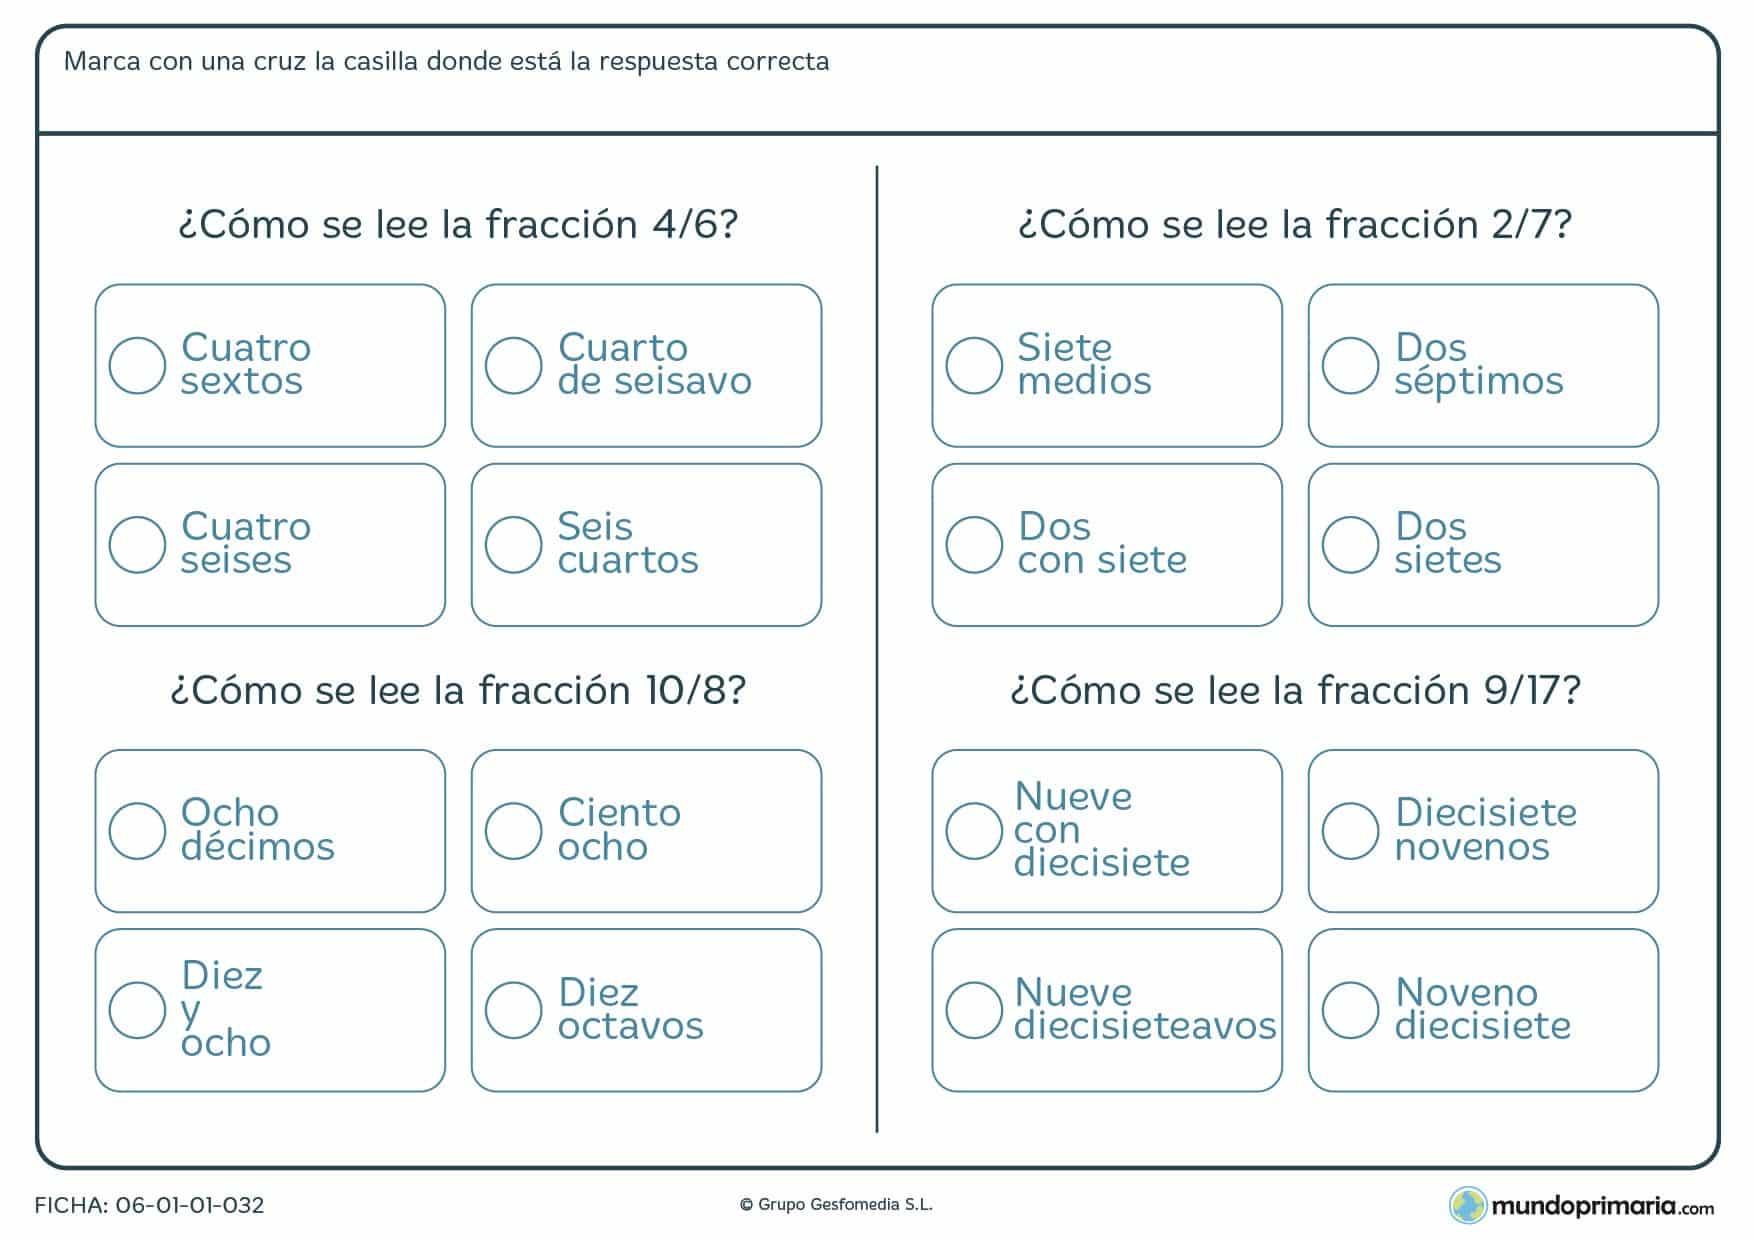 Ficha de leer fracciones diseñada para que los alumnos de 4º de Primaria puedan reforzar sus conocimientos